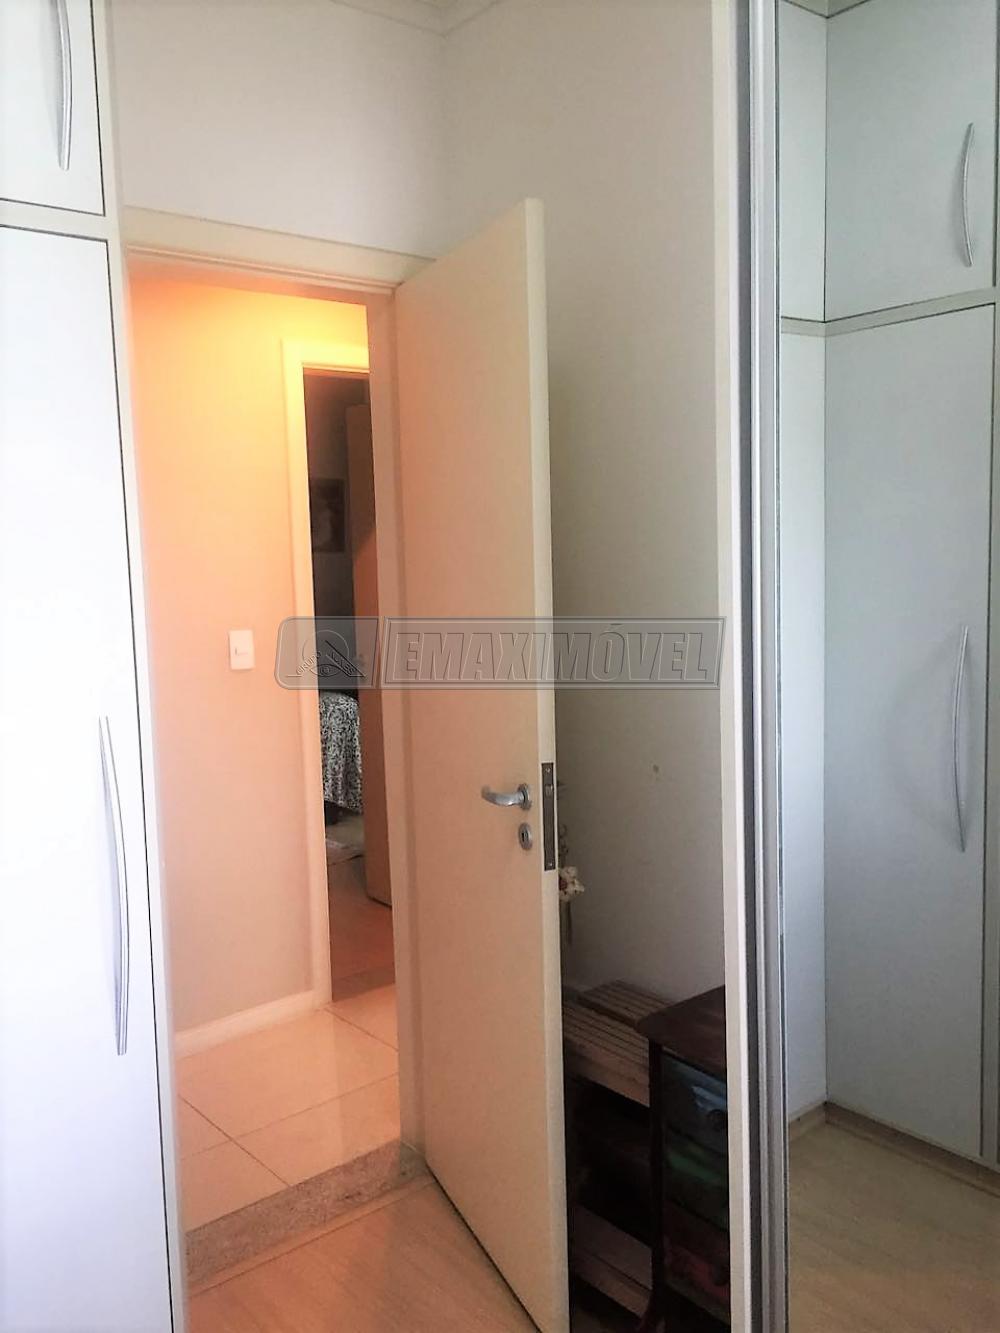 Comprar Apartamentos / Apto Padrão em Sorocaba apenas R$ 740.000,00 - Foto 11